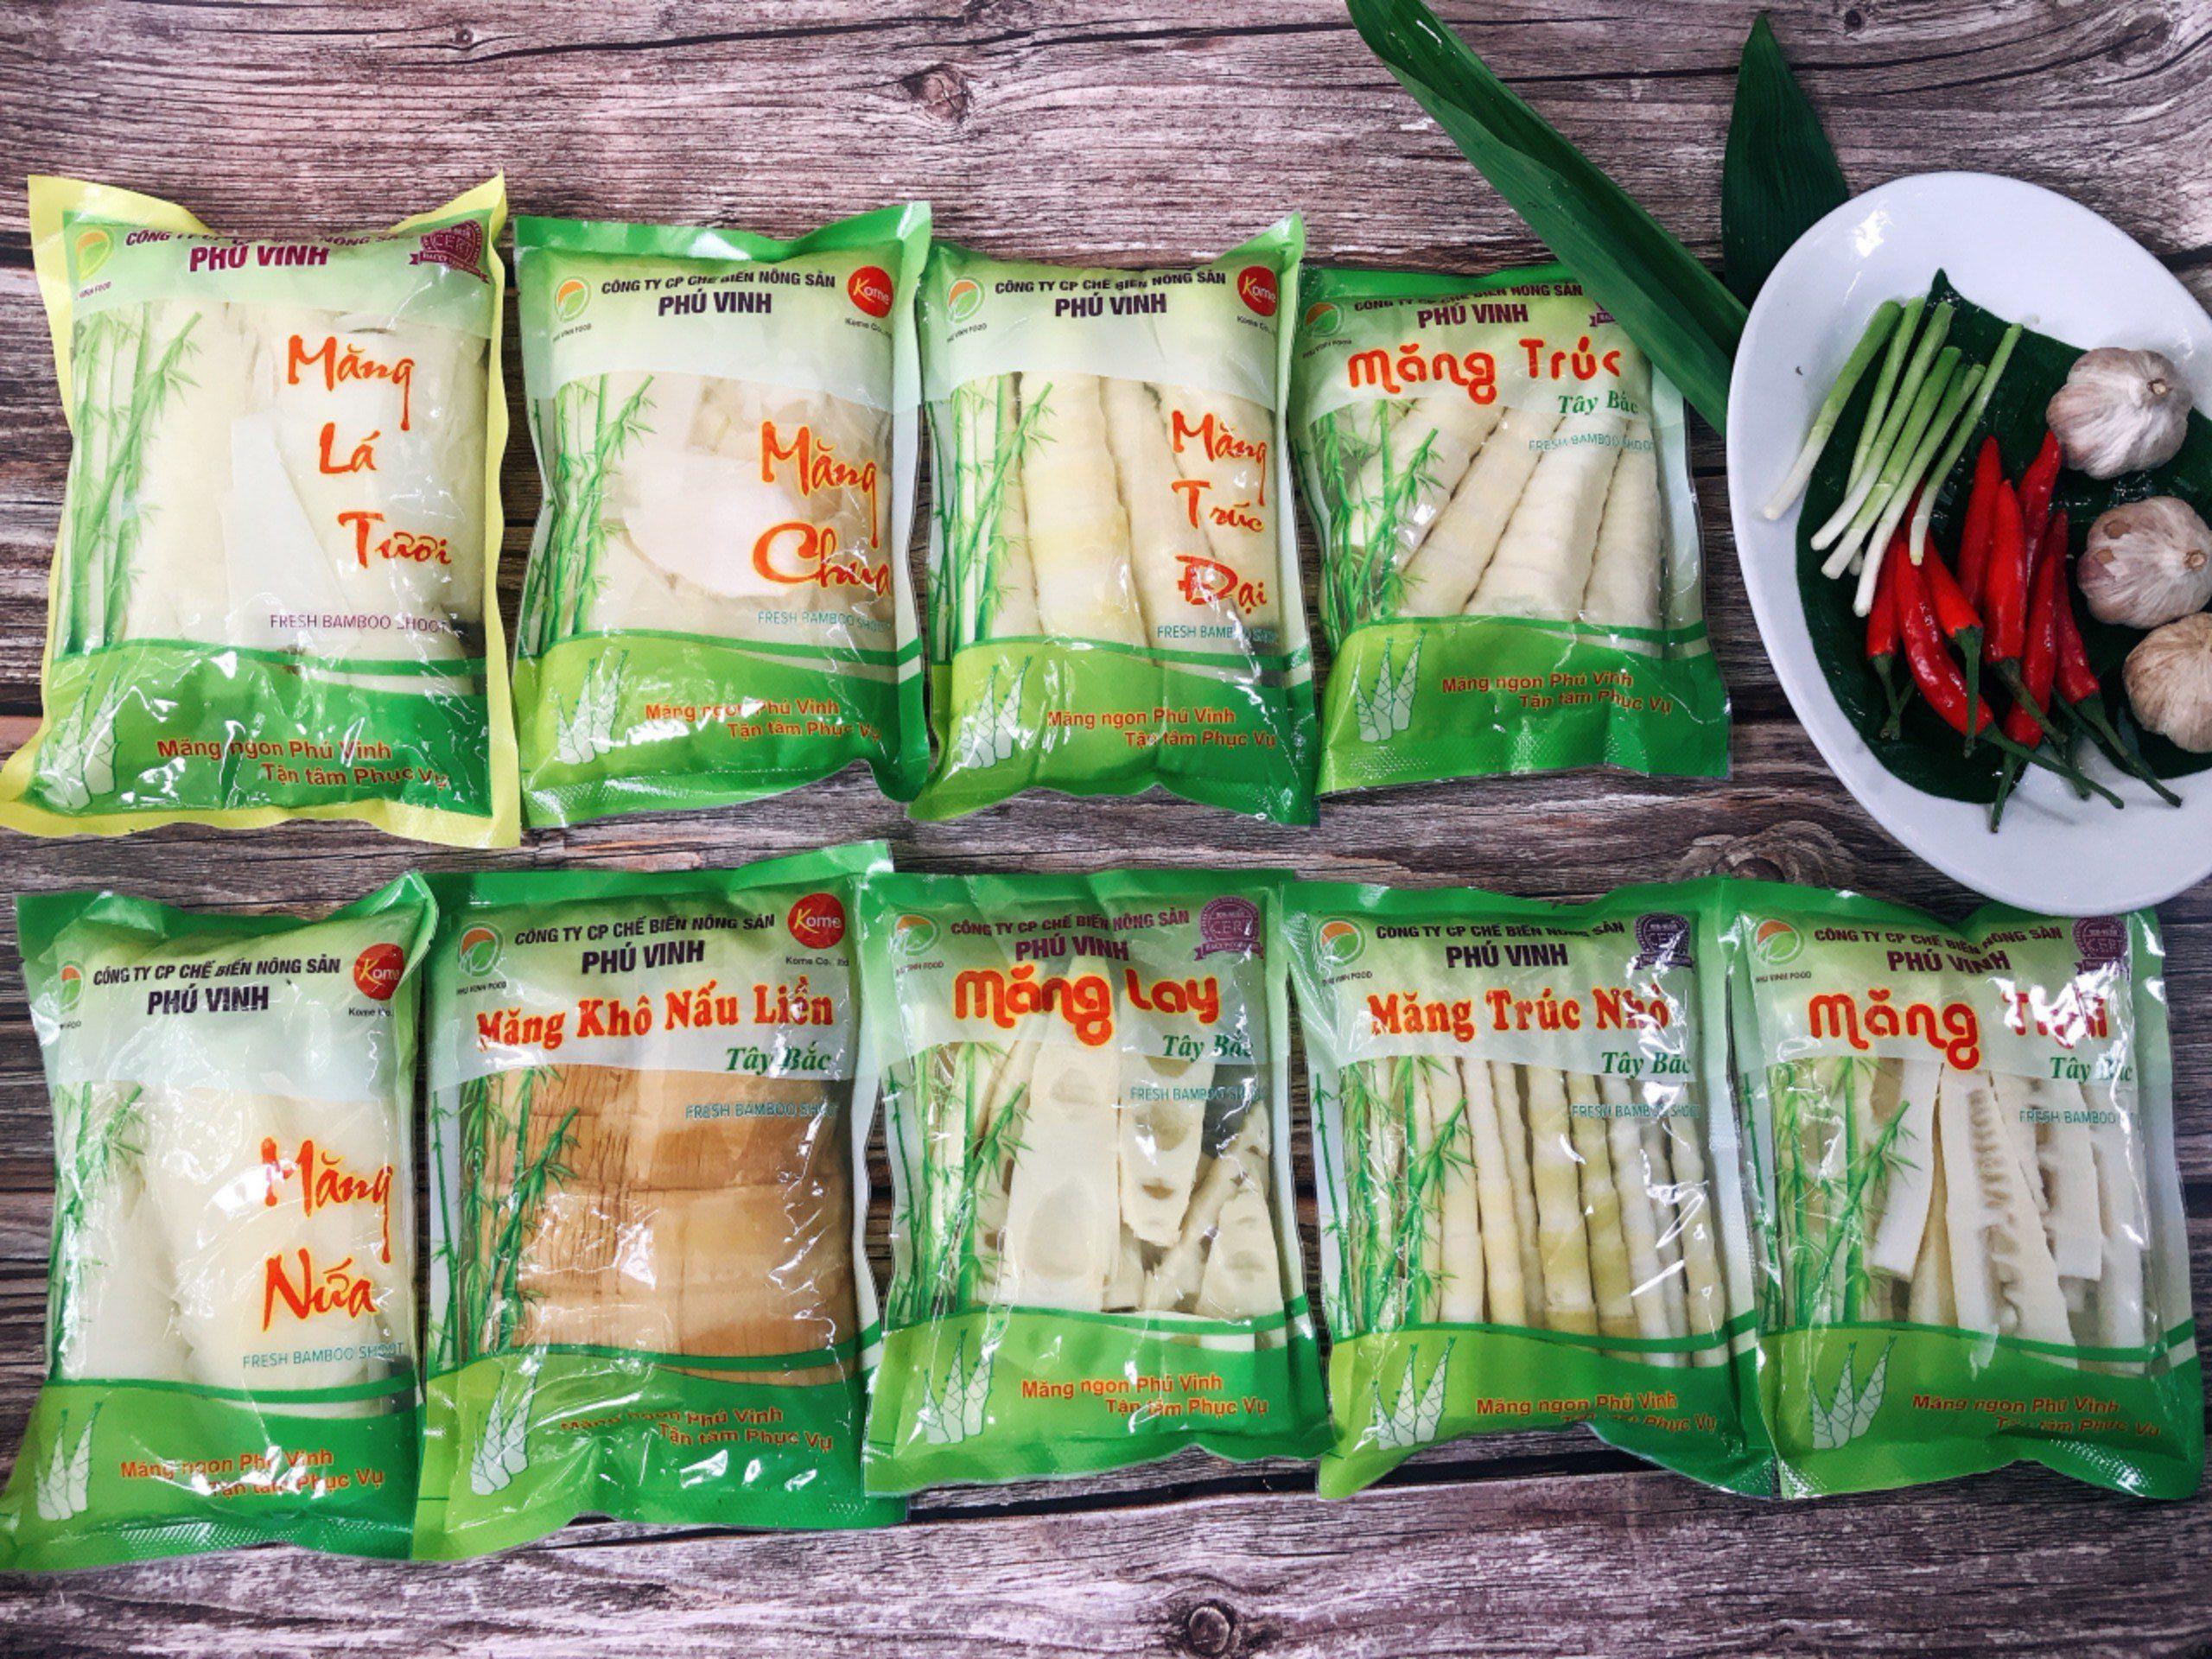 Măng Phú Vinh - Nôn sản Phú Vinh